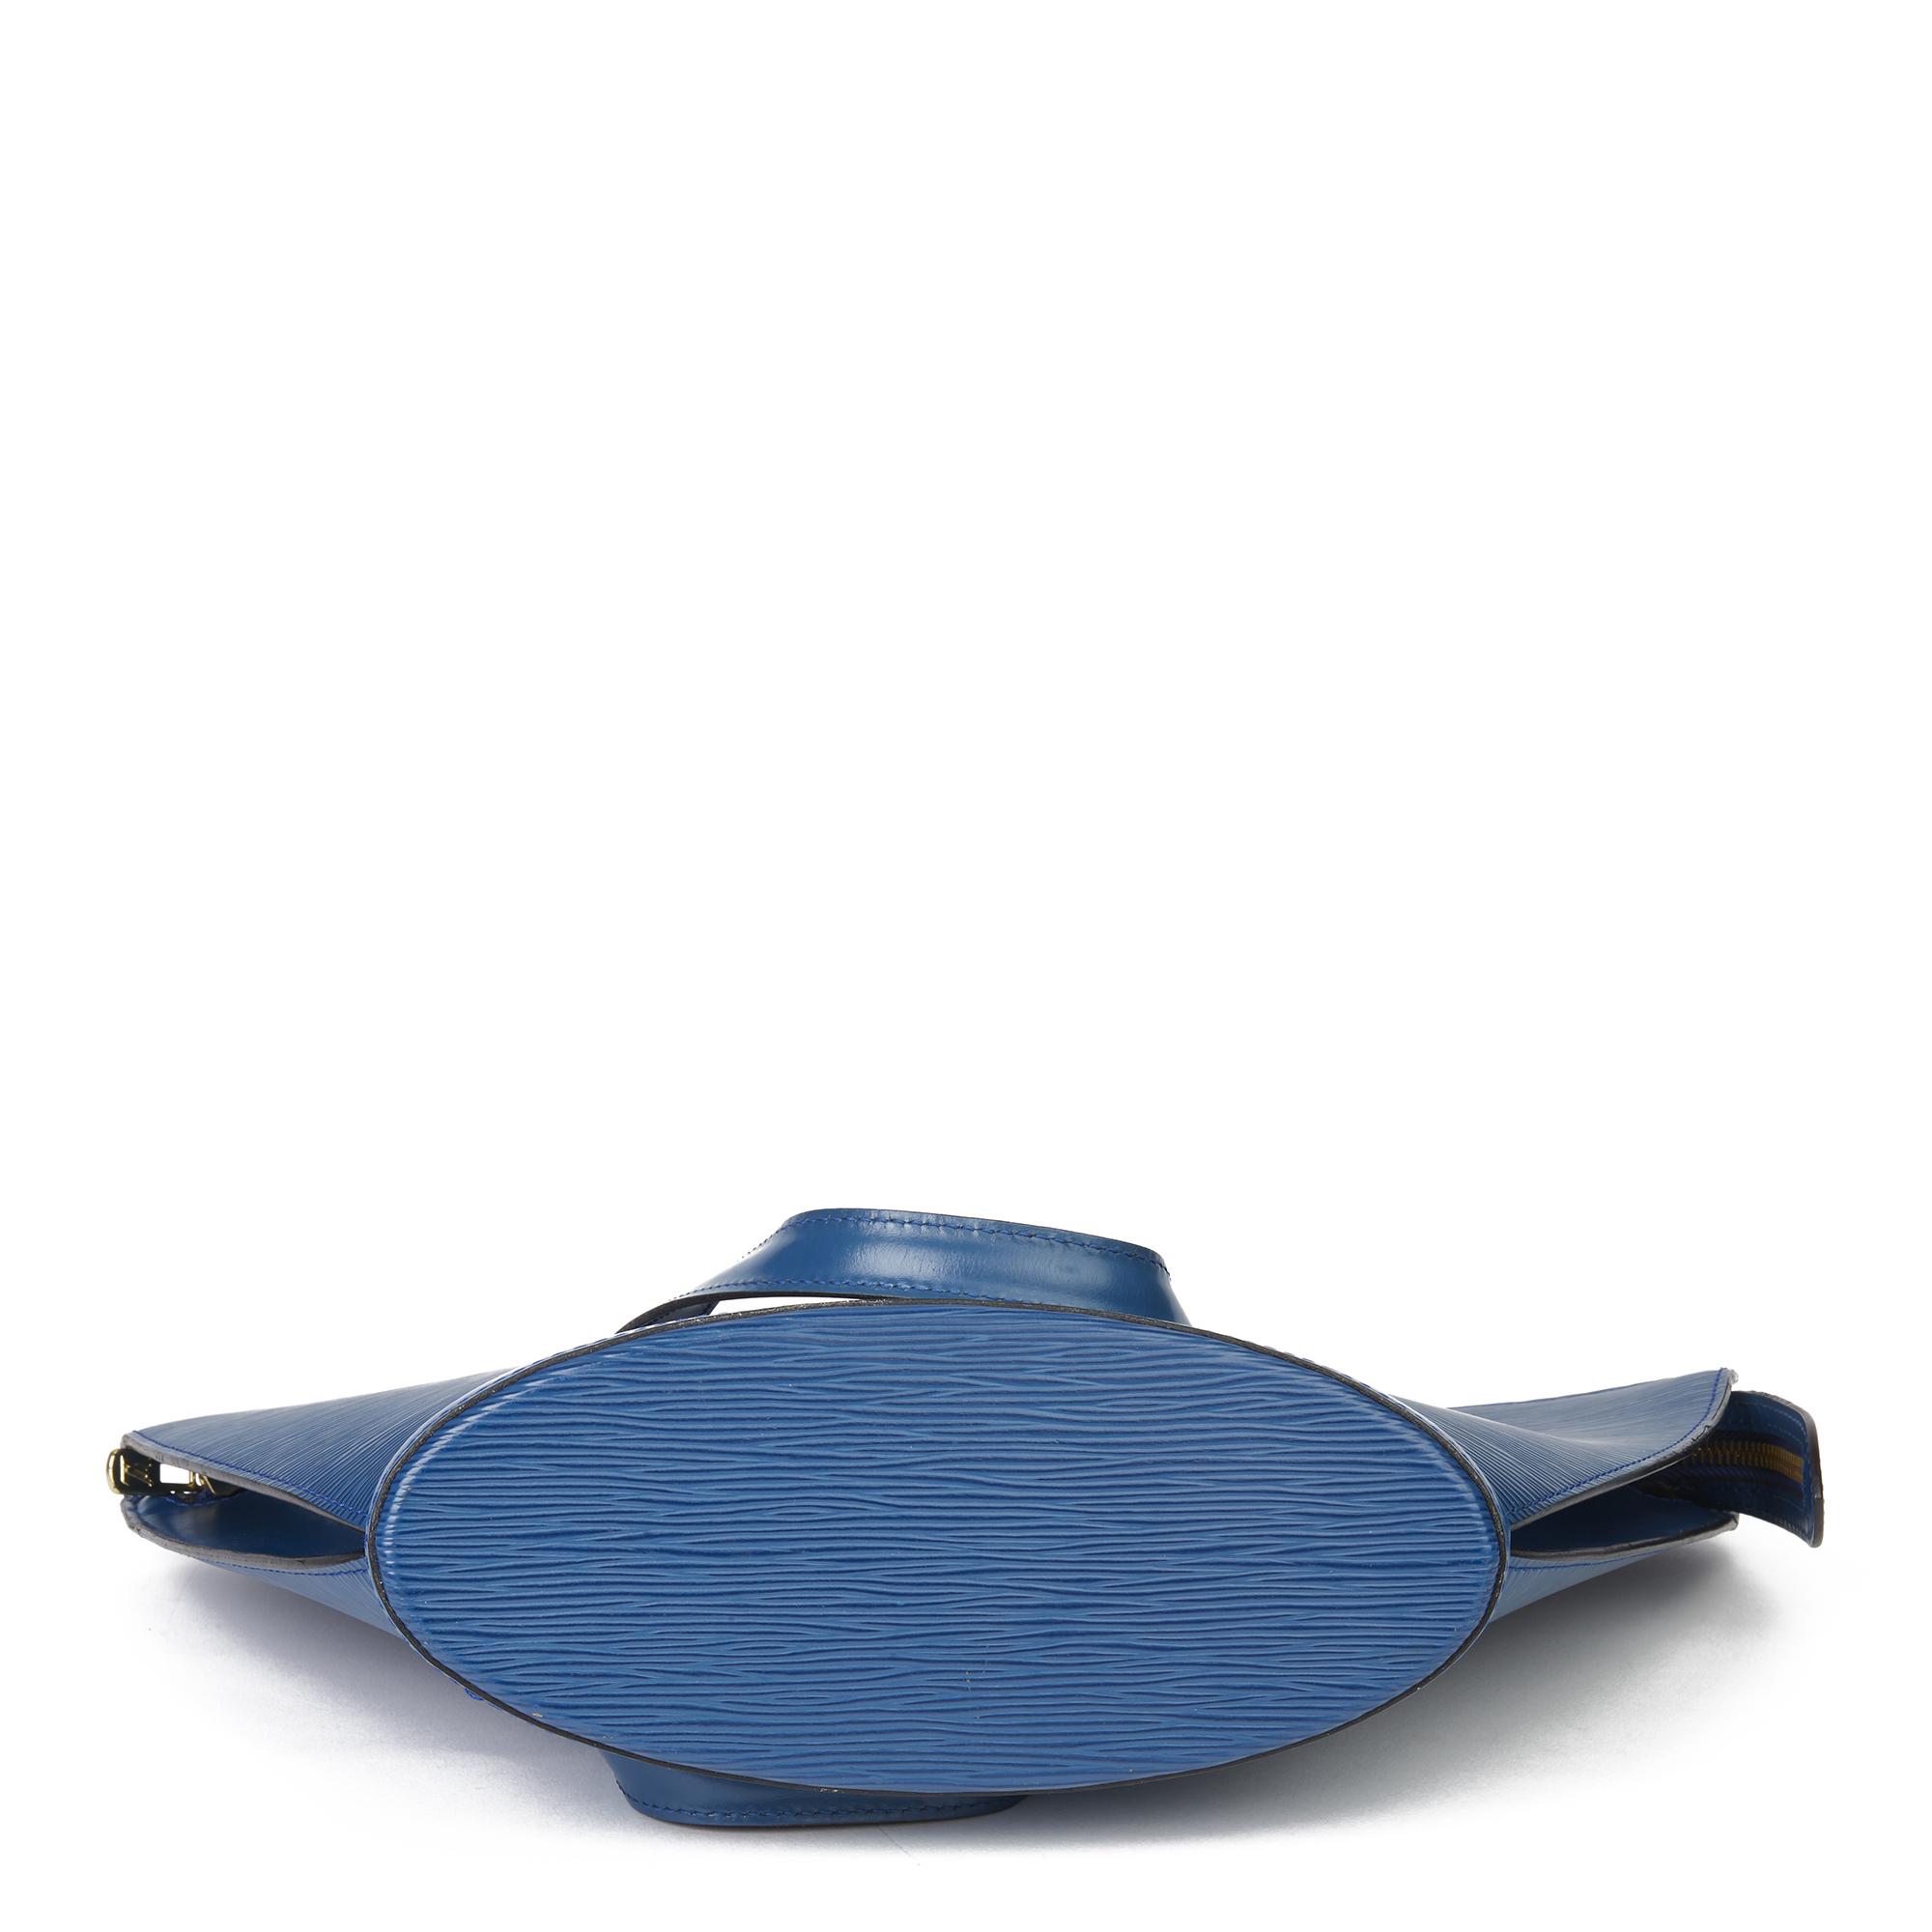 Louis Vuitton Blue Epi Leather Vintage Saint Jacques PM - Image 8 of 11